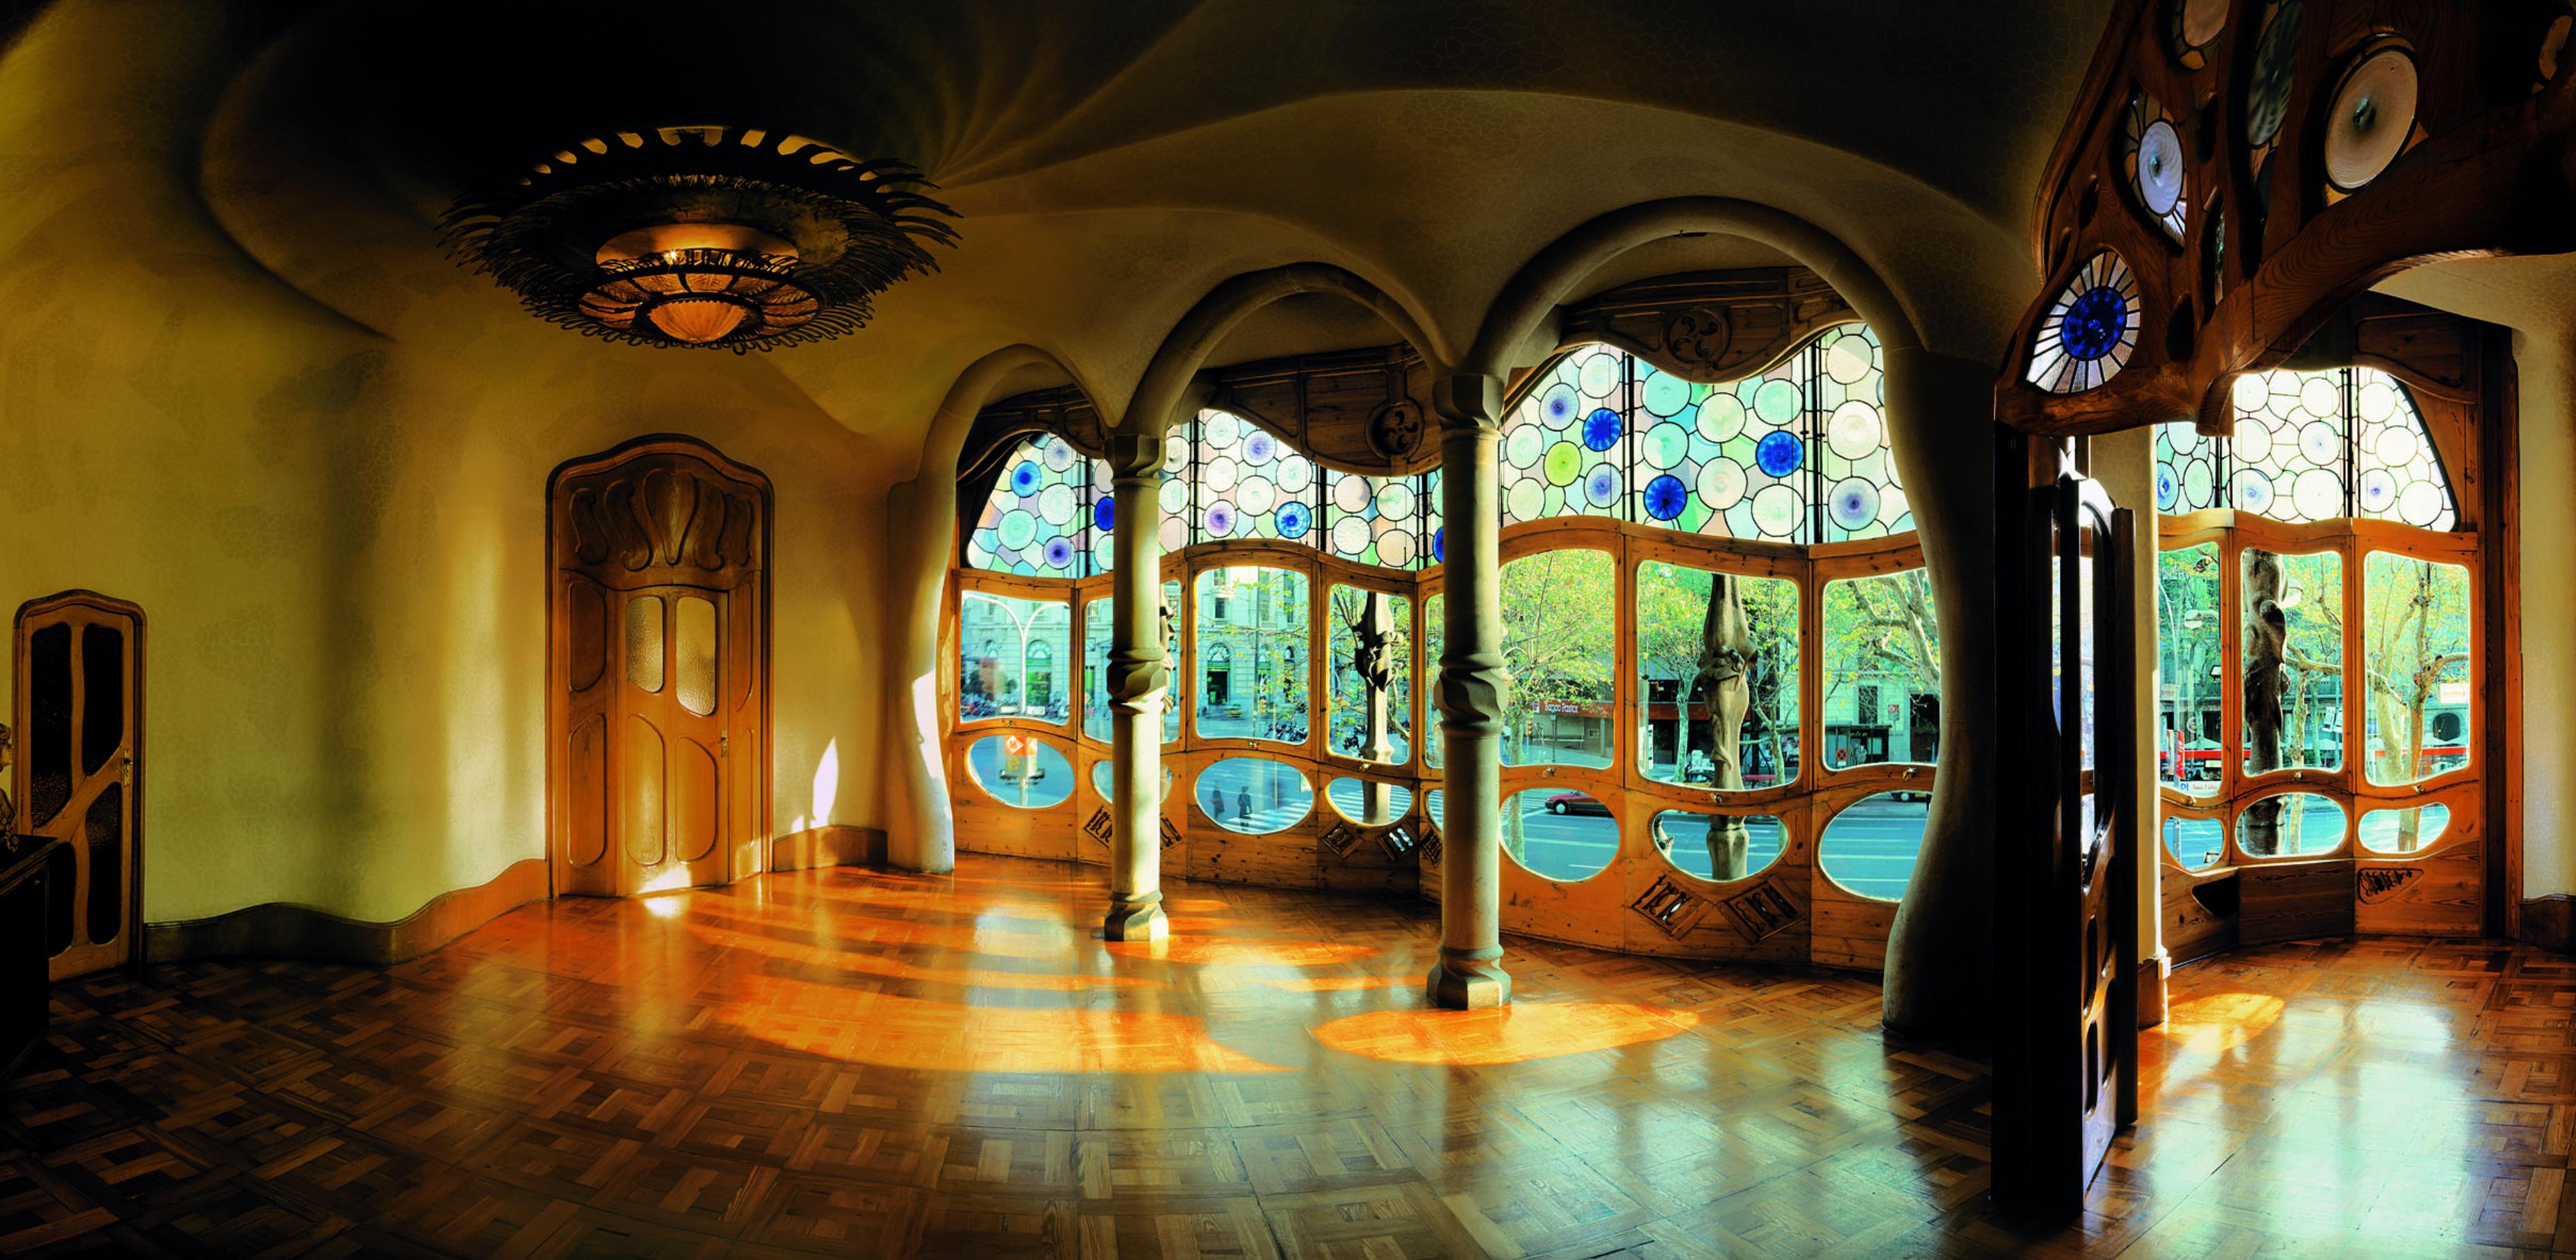 Casa Batlló © Casa Batlló